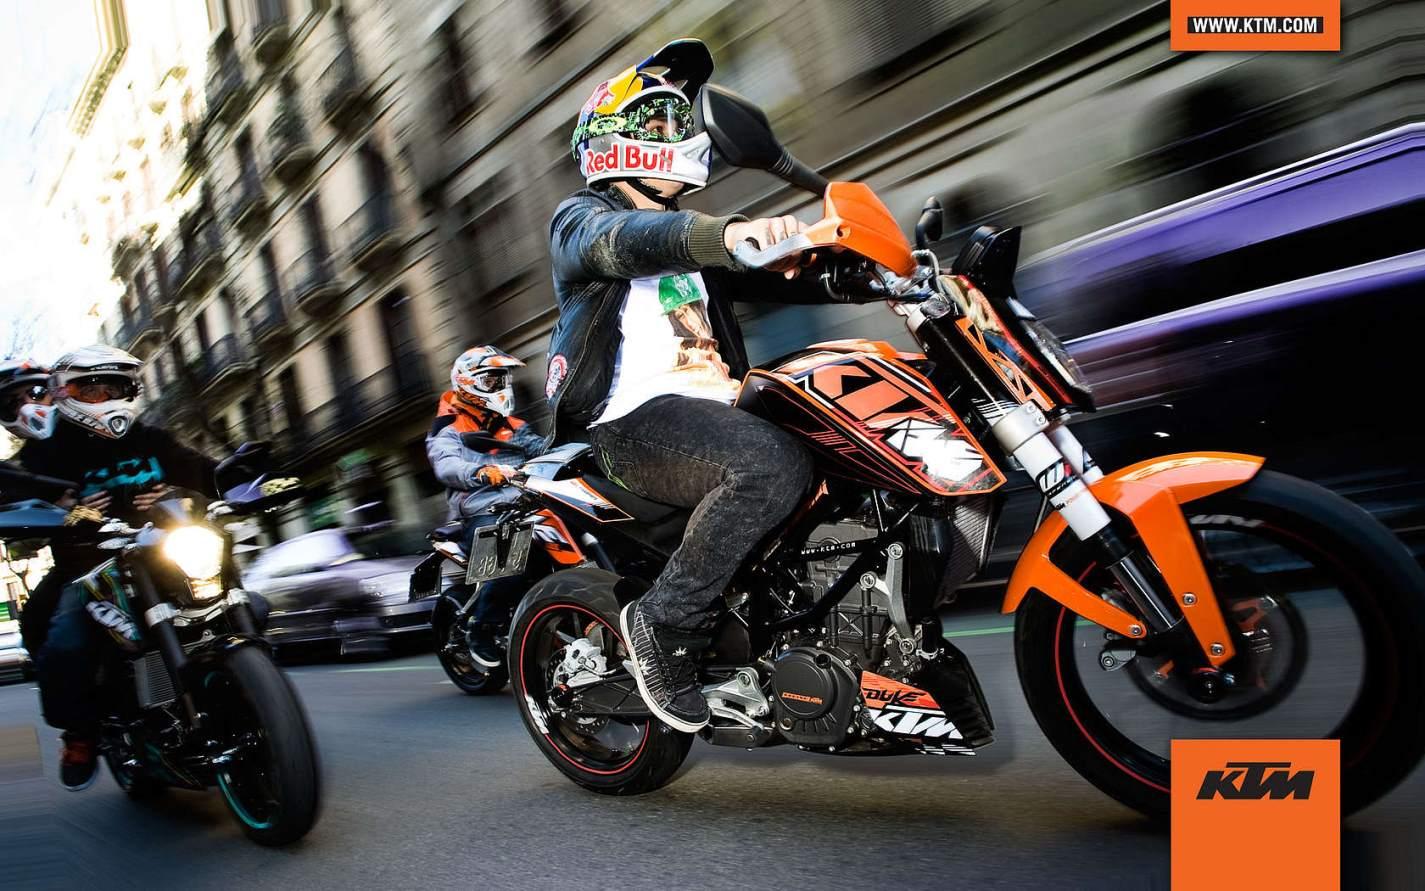 ktm duke 125cc with red bull helmet wallpaper 1425 891 1425x891